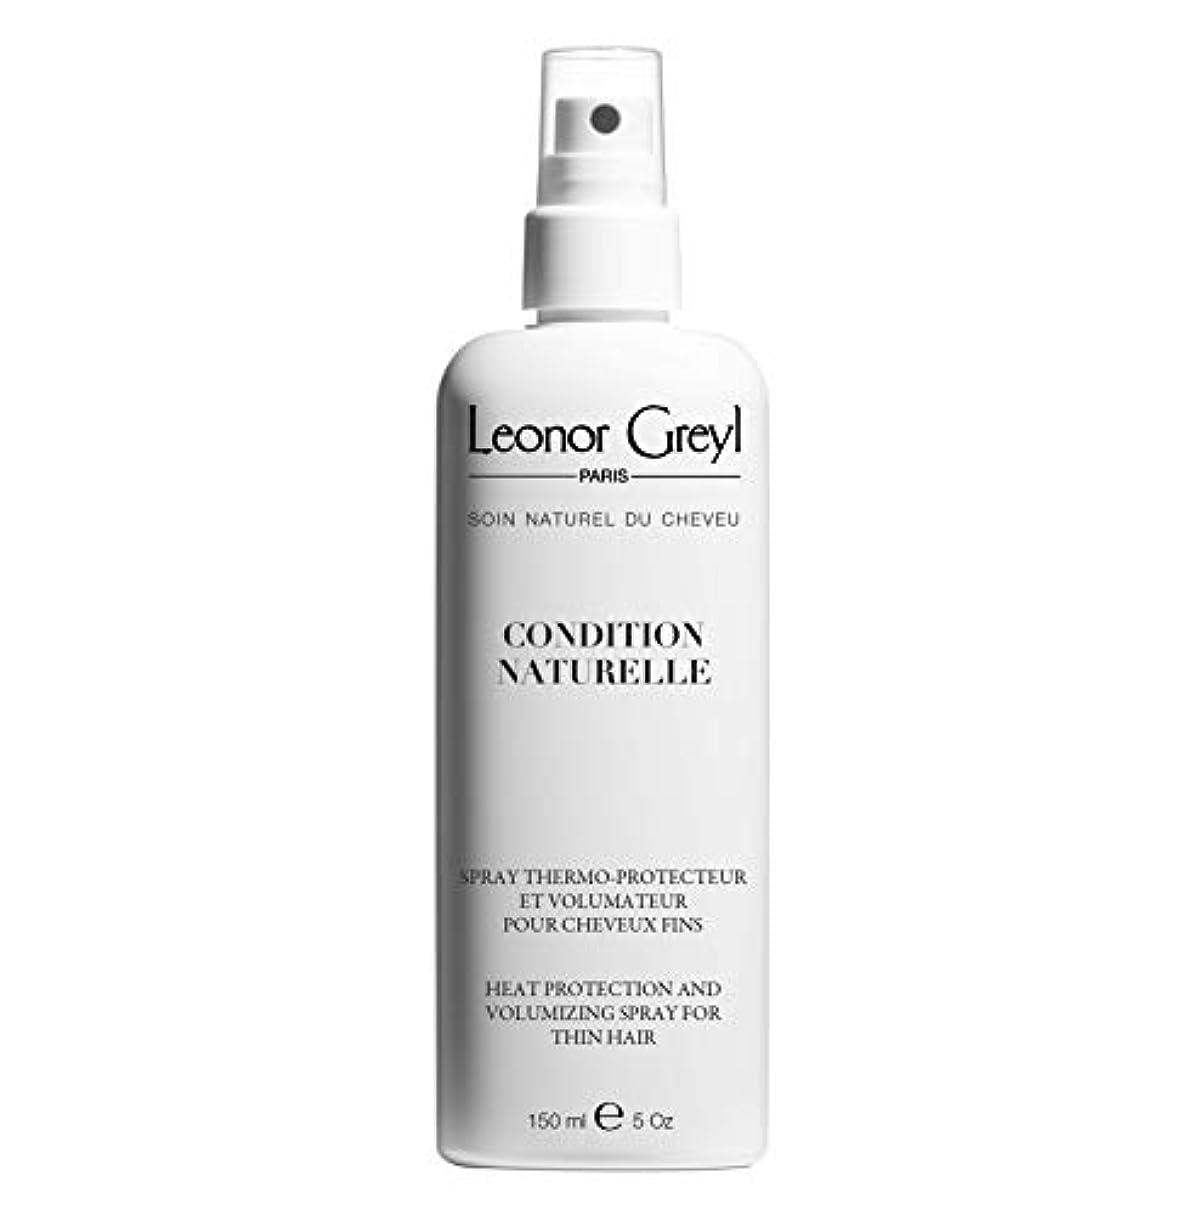 エール膨張する二次Leonor Greyl Paris コンディションNaturelle - 熱は保護とボリューム化は薄い髪、5.2オンスのためのスプレー。